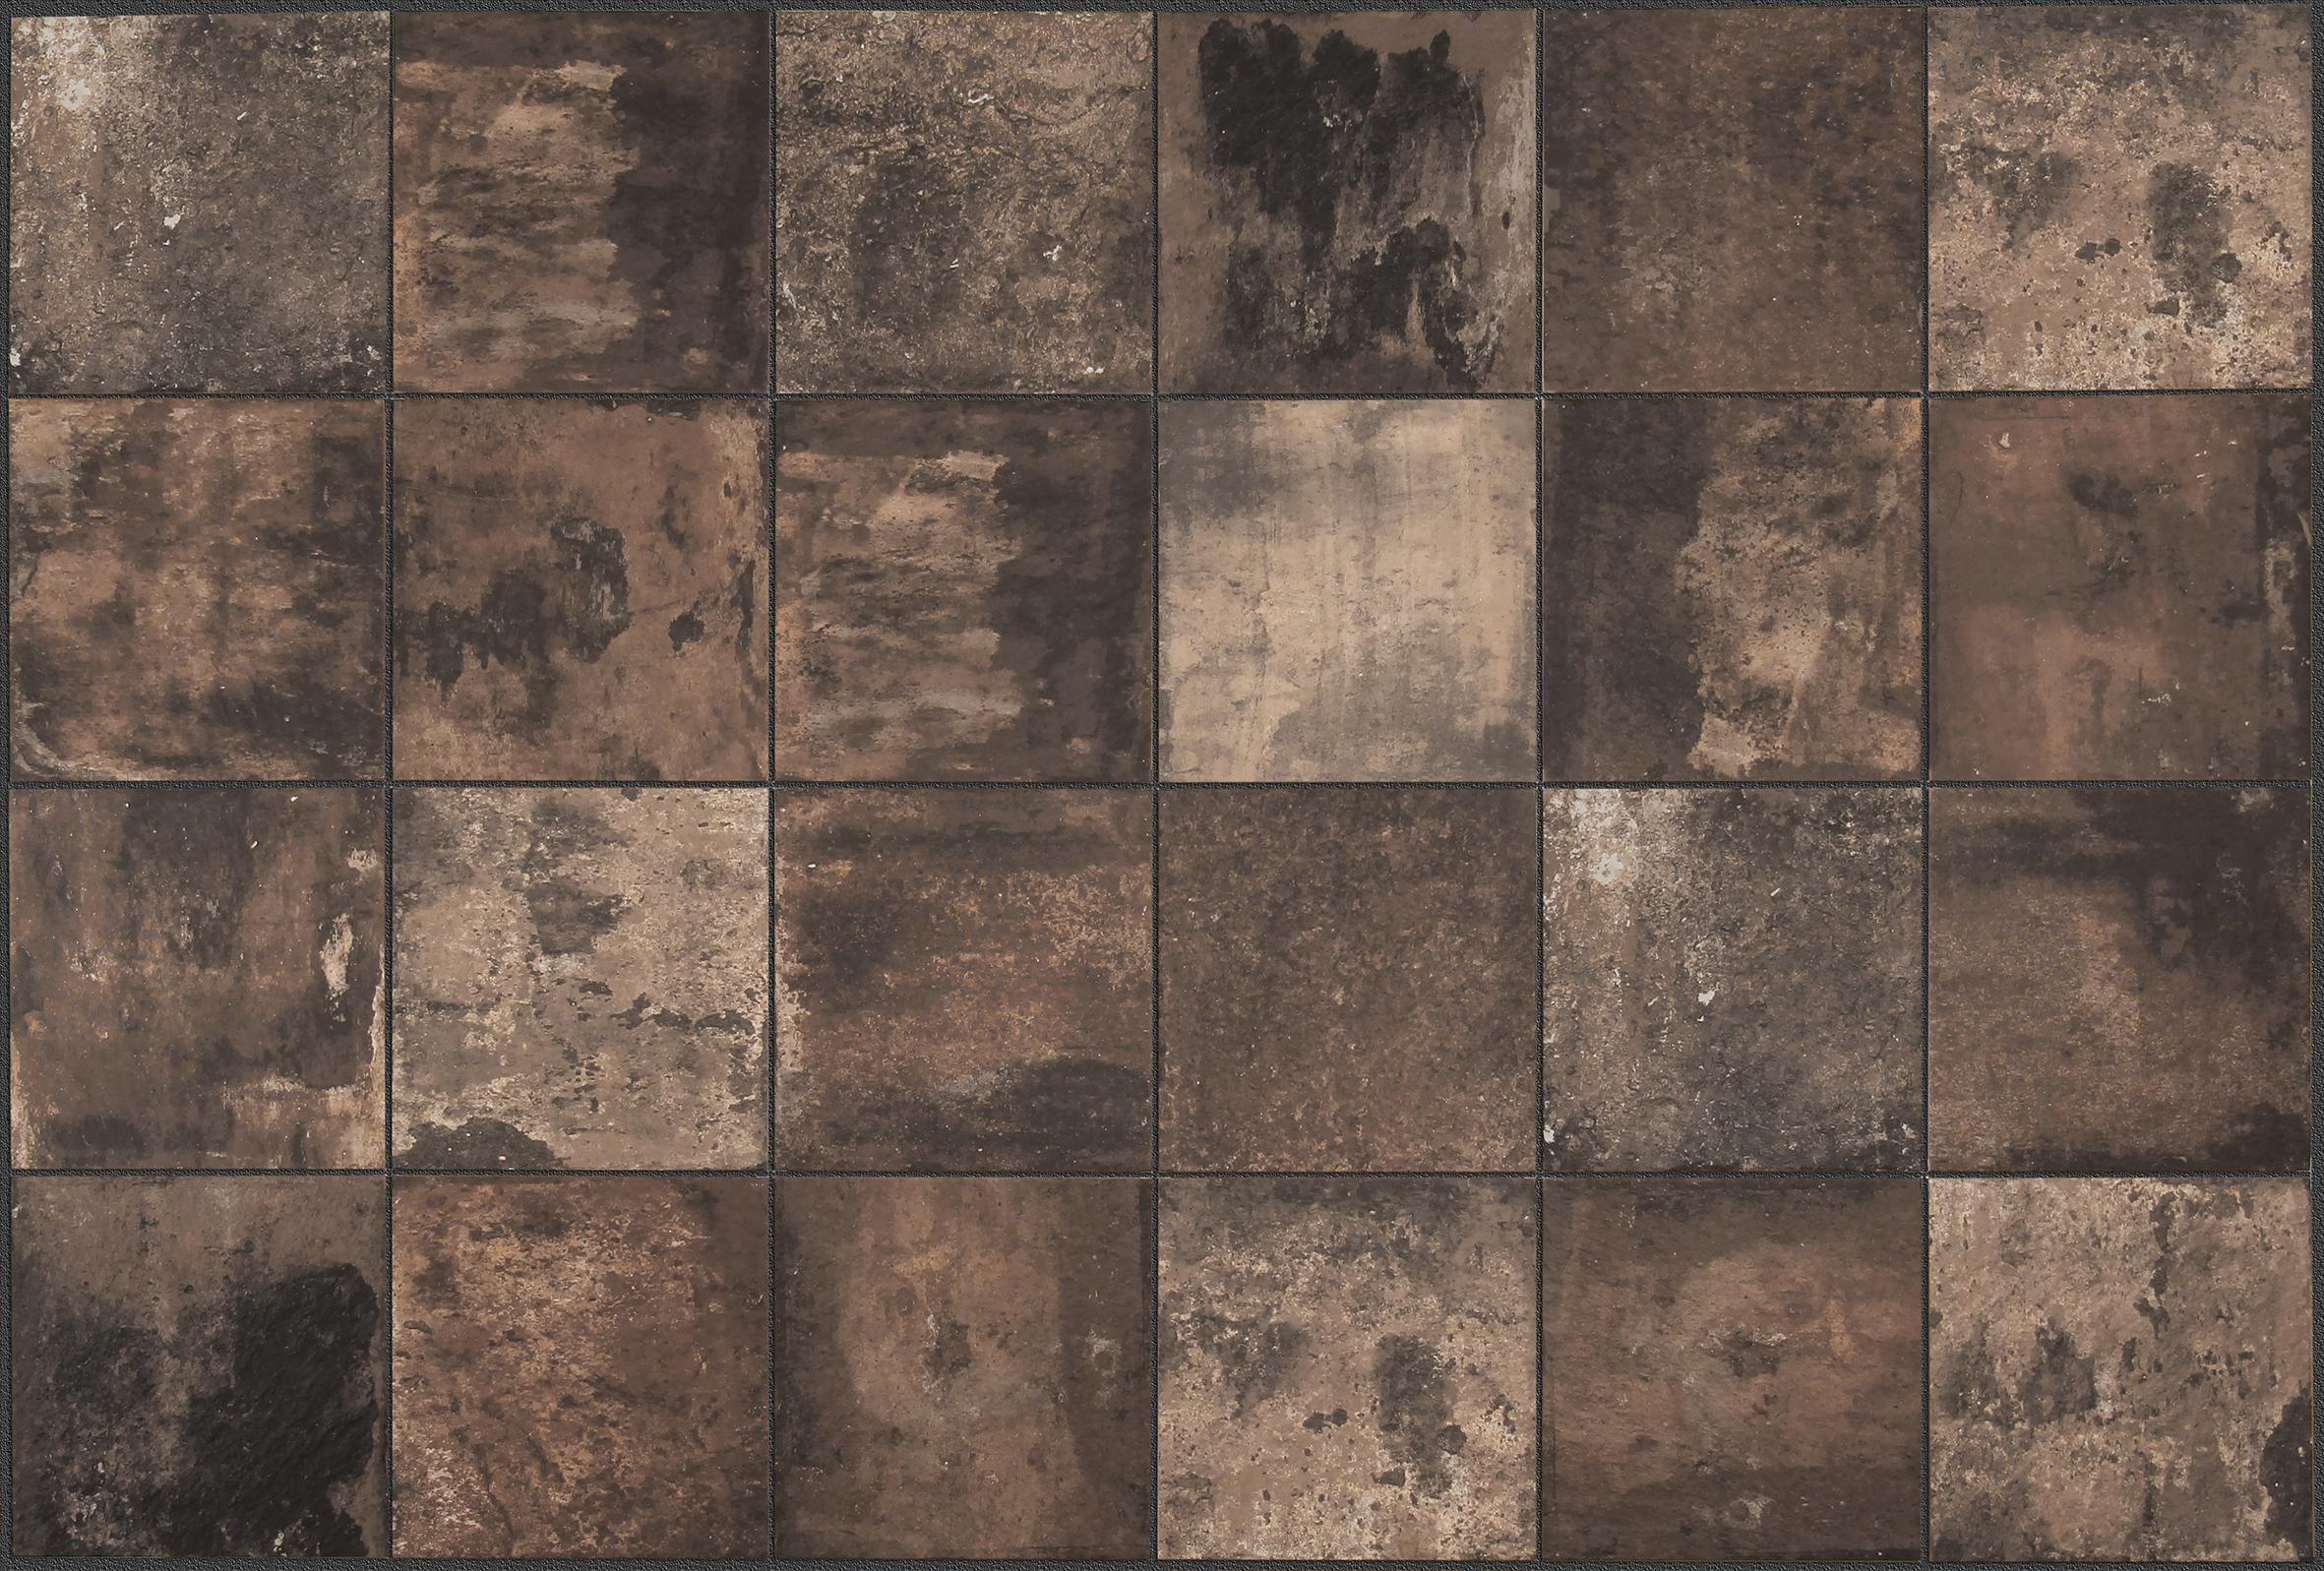 Kok Klinkergolv : Det hor or golvet vi har bestollt, det or ett klinkergolv med